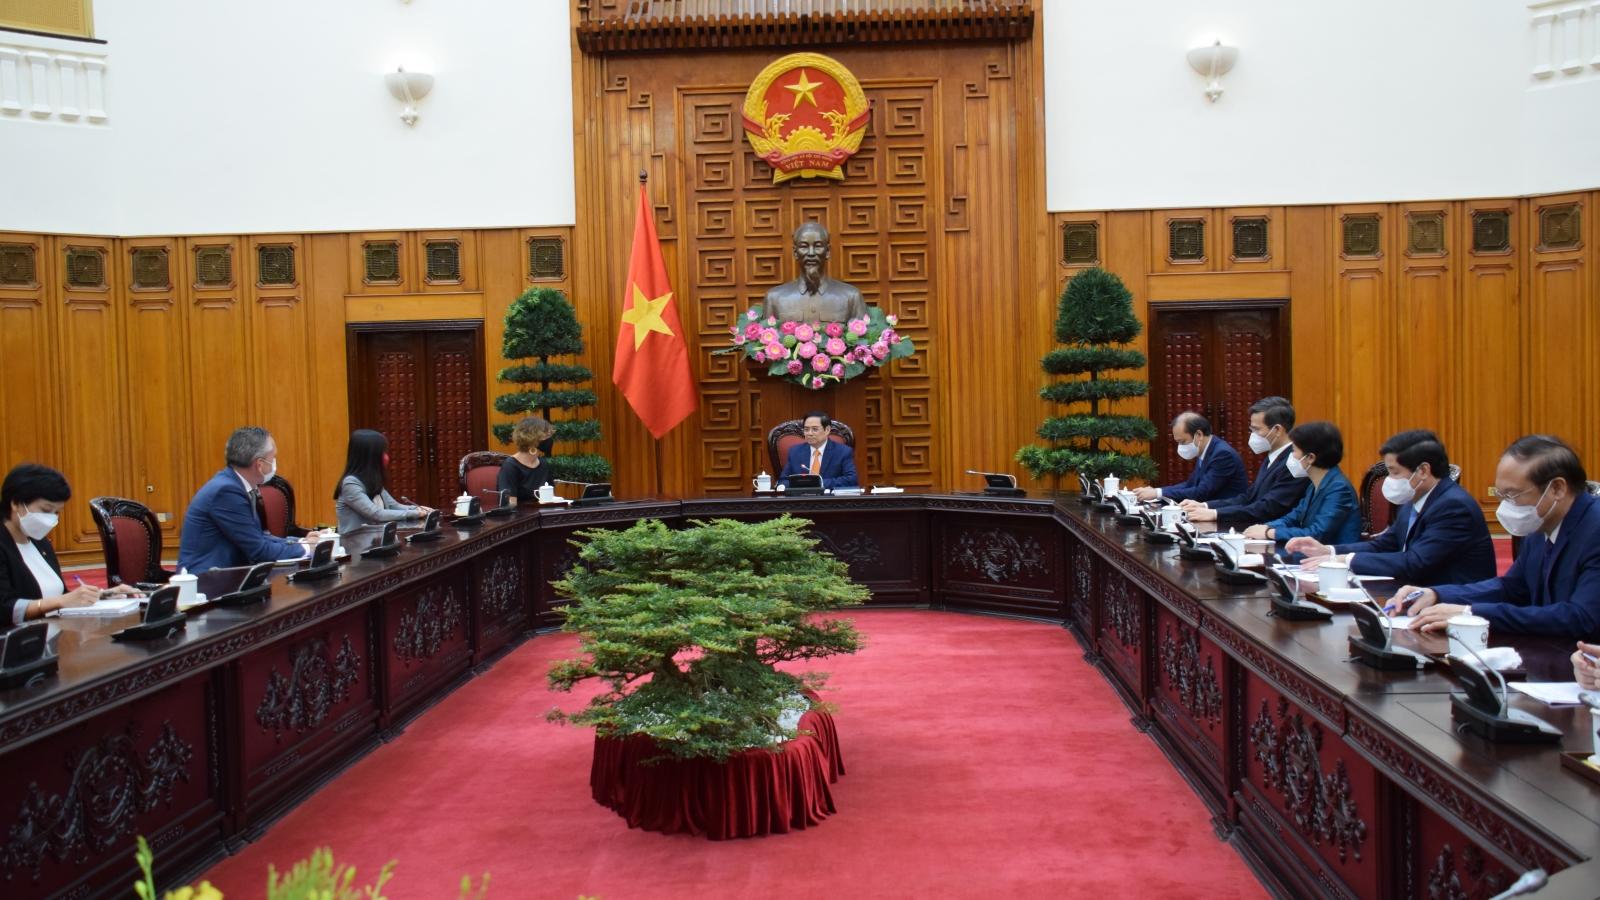 Hà Lan tặng Việt Nam máy thở và số lượng lớn trang thiết bị, vật tư y tế